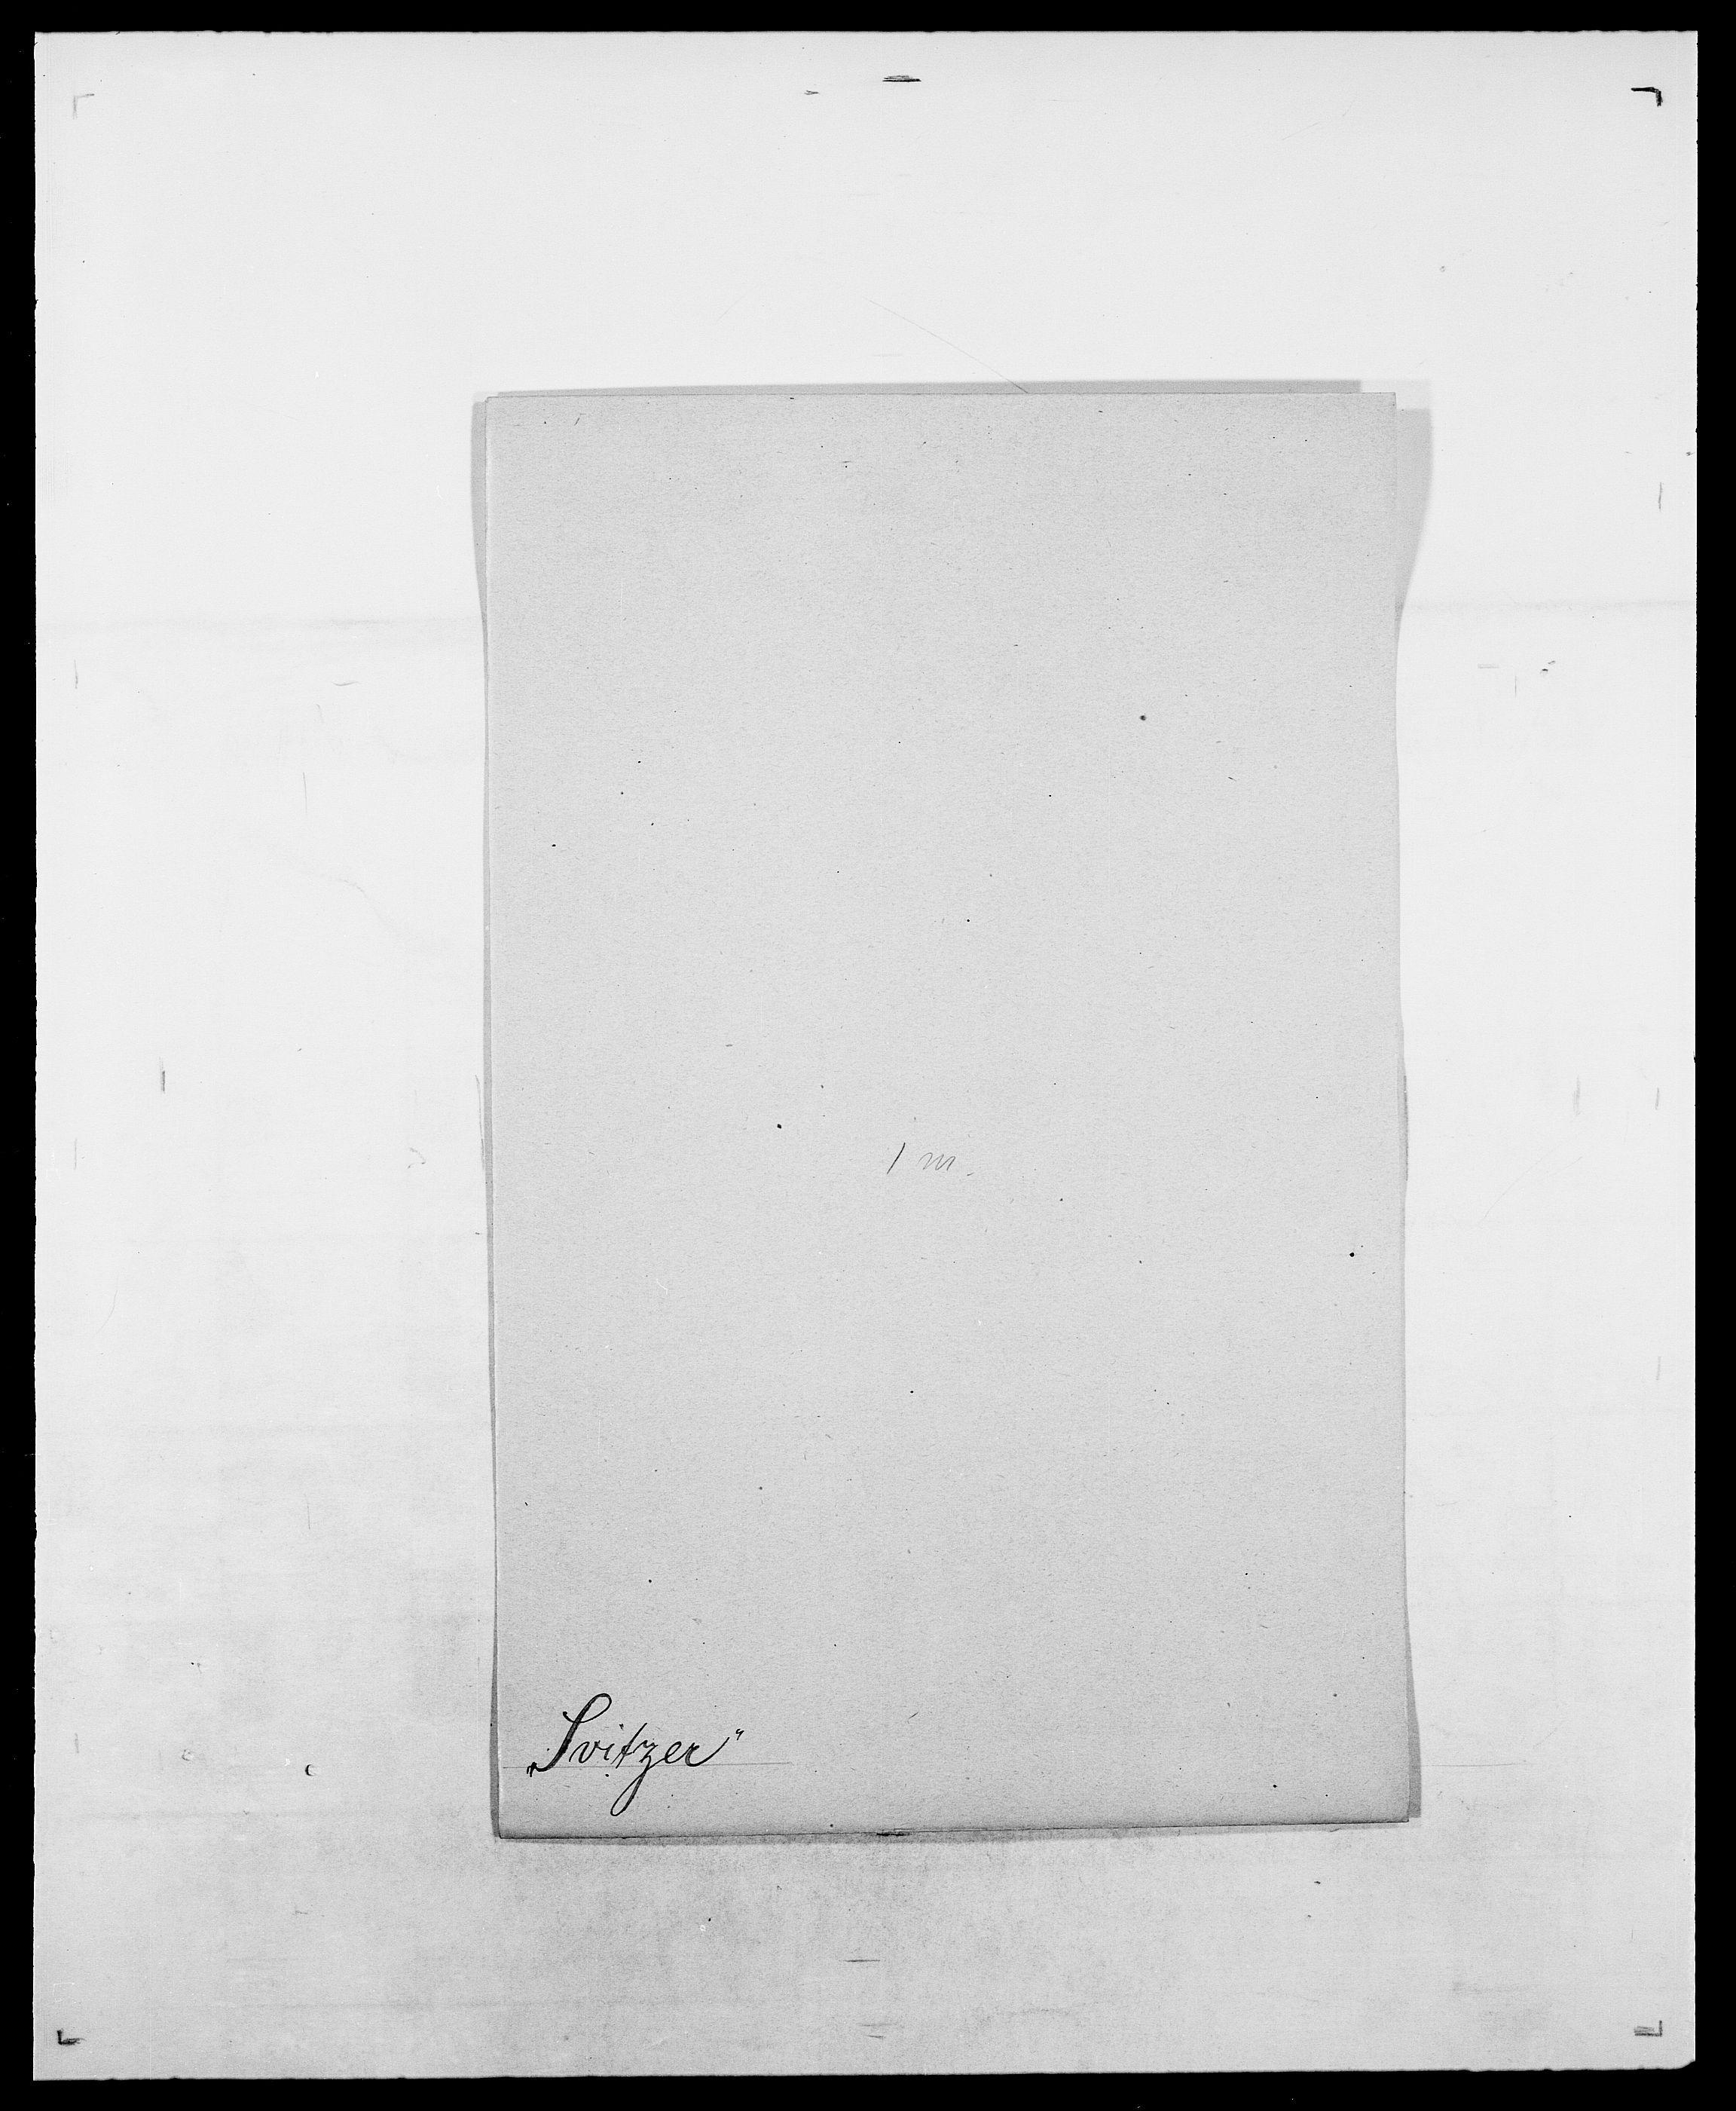 SAO, Delgobe, Charles Antoine - samling, D/Da/L0038: Svanenskjold - Thornsohn, s. 67